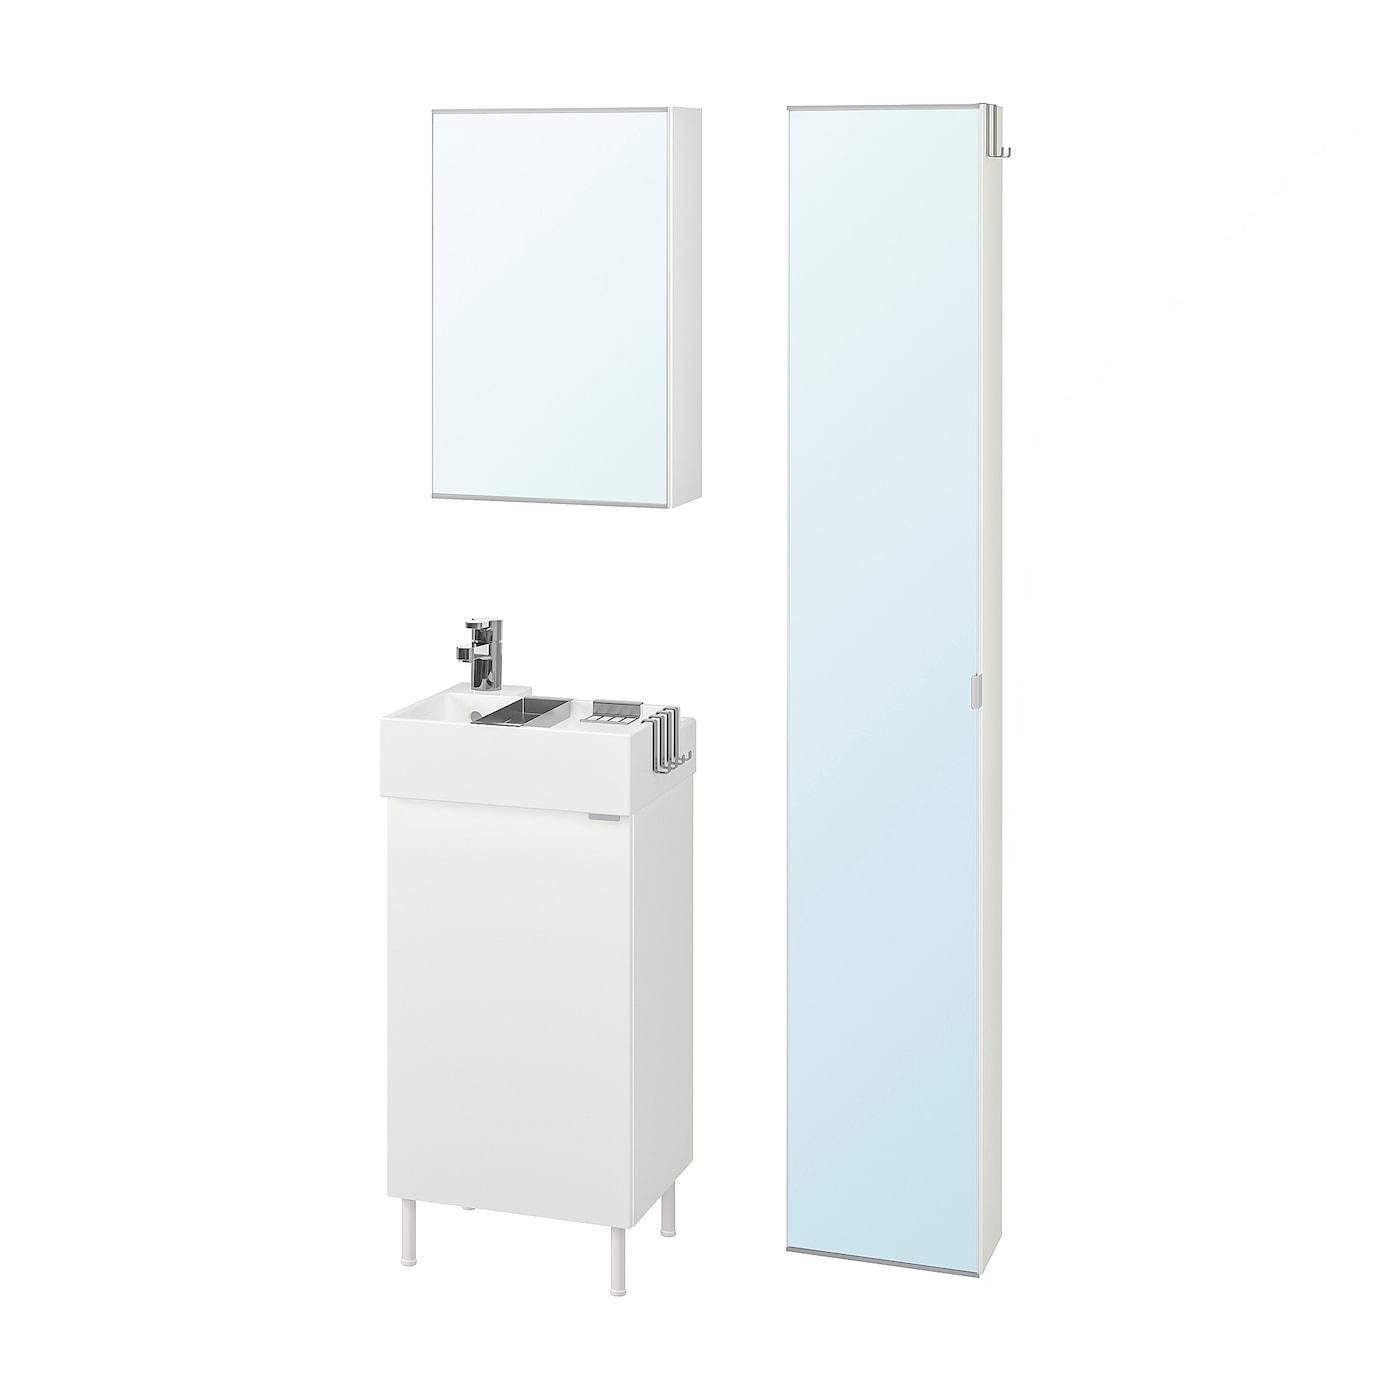 Lill ngen lill ngen mobilier salle de bain 6 pi ces - Ustensiles salle de bain ...